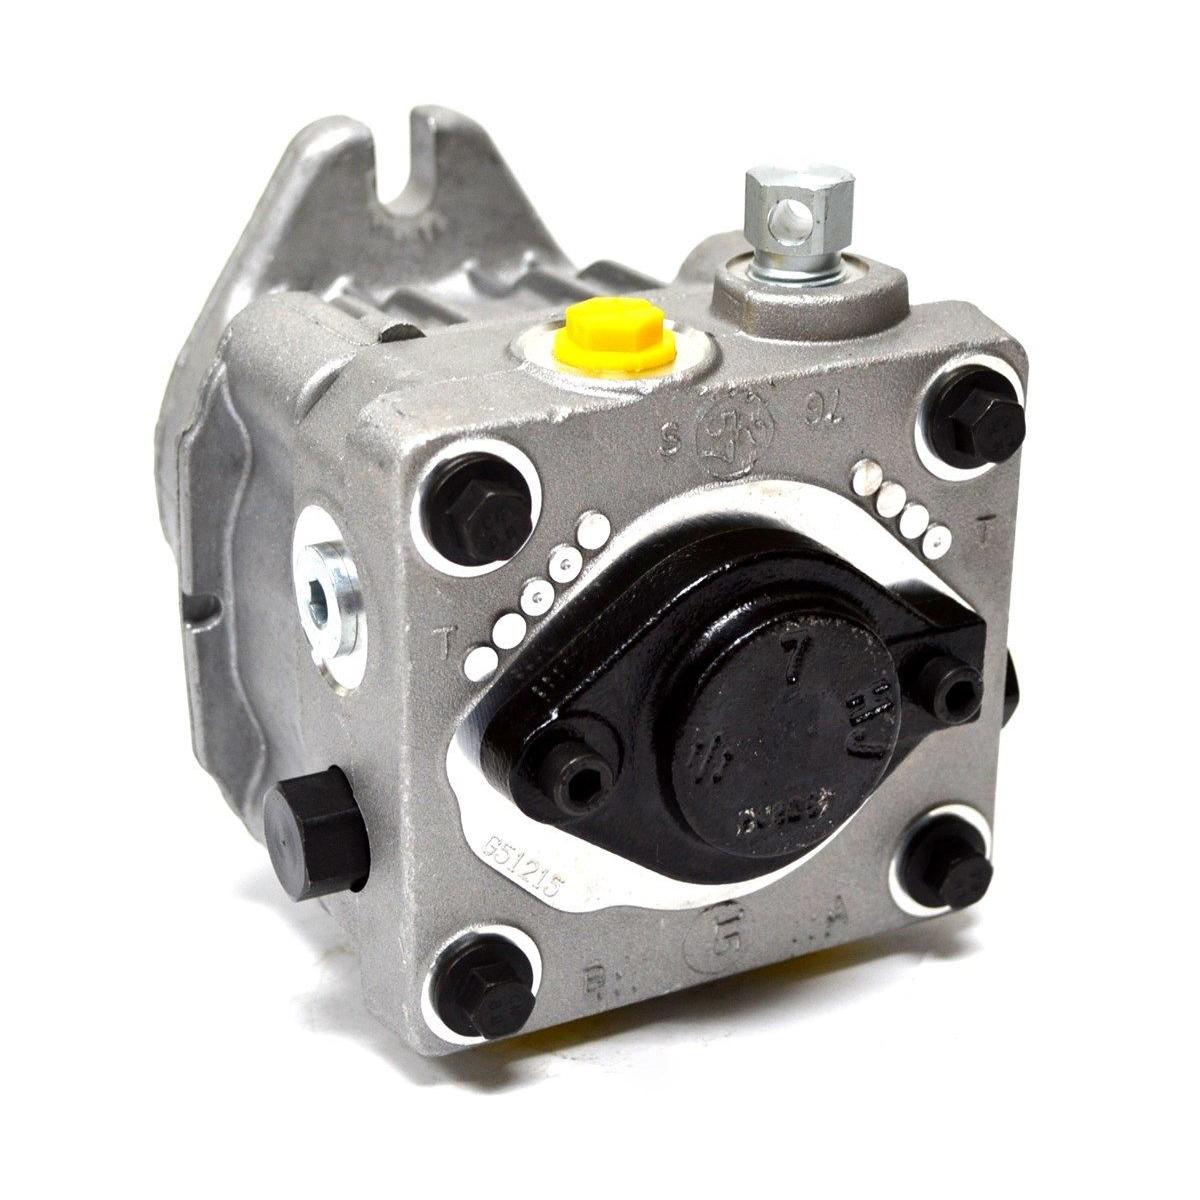 Hydro-Gear Pump / Exmark Mowers & Others w/ 52 inch 60 inch 72 inch Decks /  103-2675, 2964400, BDP-10A-427 PG-1GAB-DY1X-XXXX